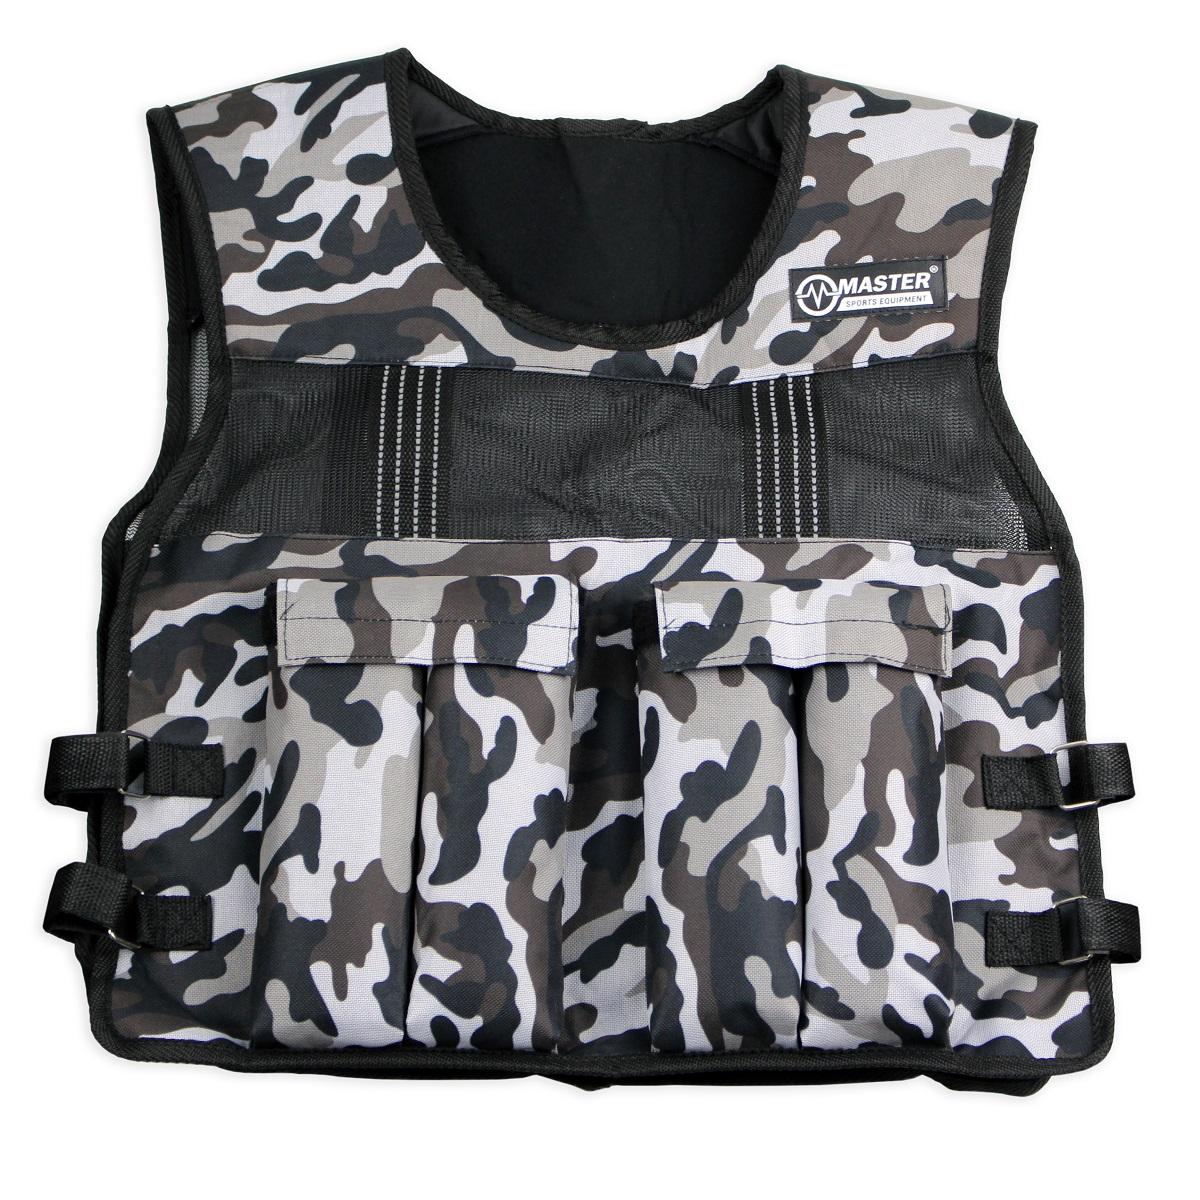 Záťažová vesta MASTER Weight Vest - 10 kg